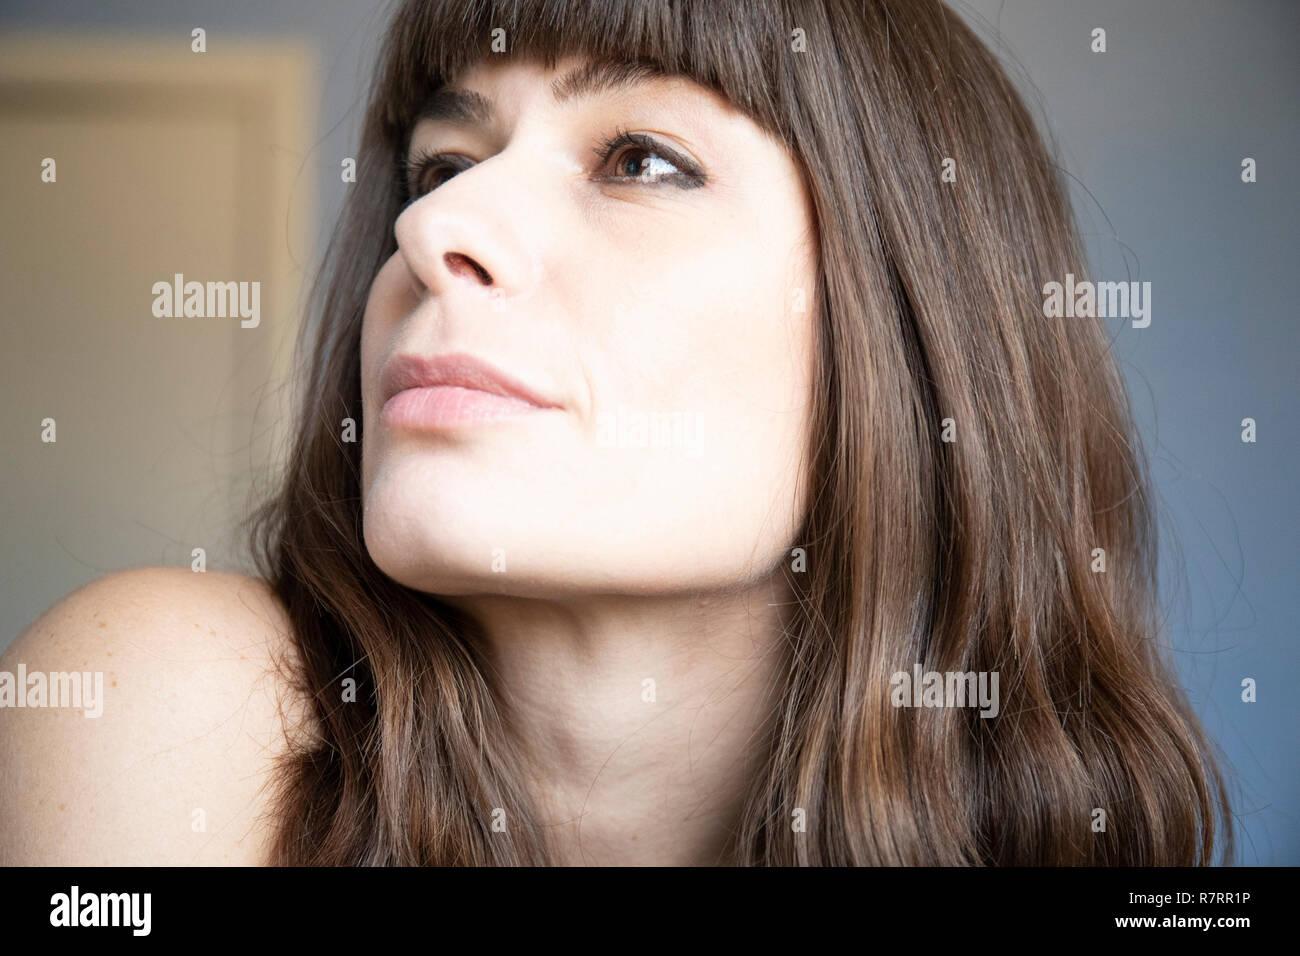 Giovane donna close-up tre quarti ritratto. Caucasian marrone con capelli lunghi e bangs. Espressione sorridente, guardando verso l'alto. Sollevate la mascella. Immagini Stock